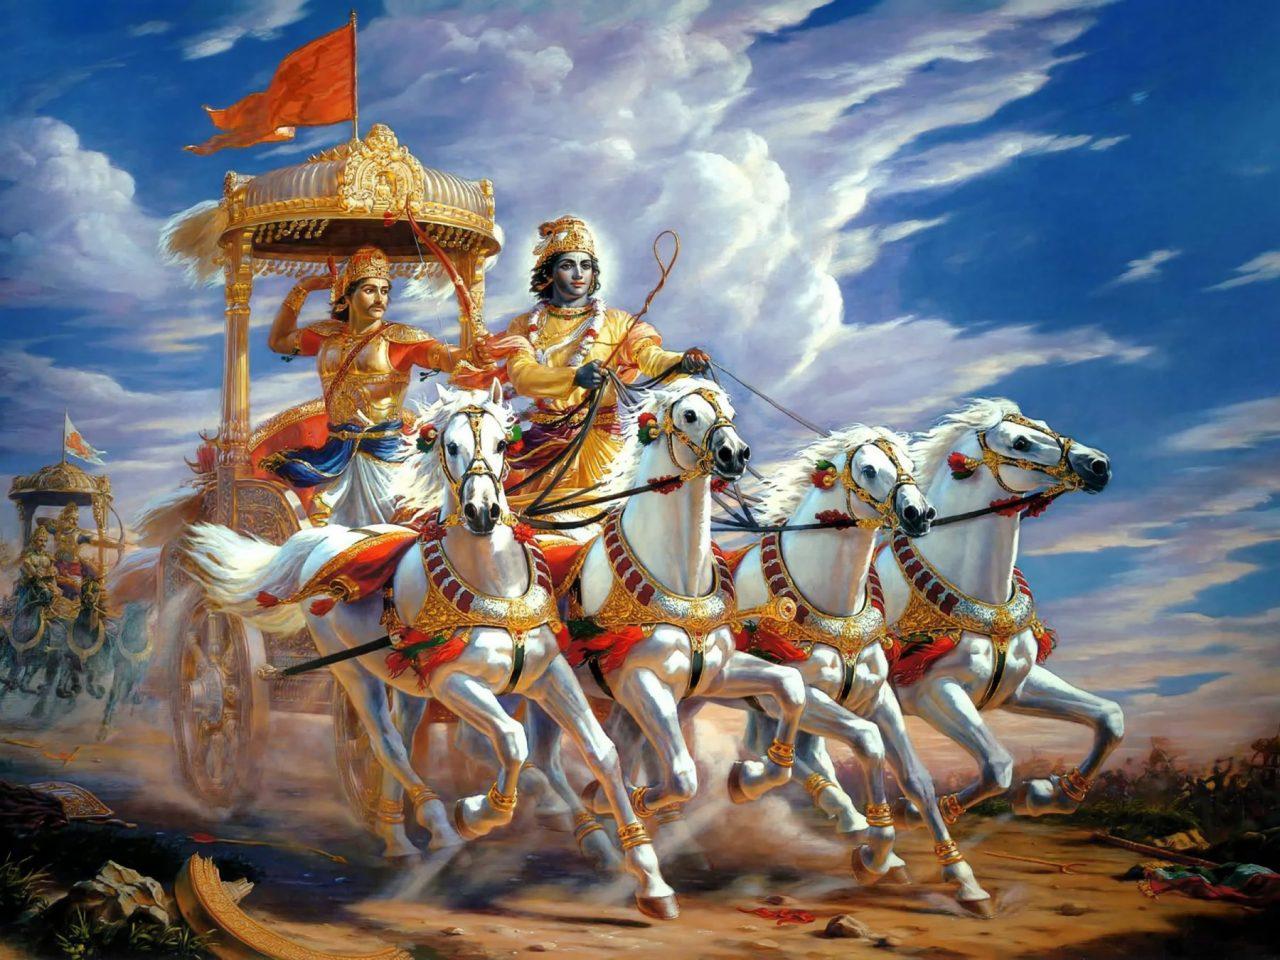 https://divinityworld.com/wp-content/uploads/2020/04/bhagavadgita-e1587625074886-1280x960.jpg